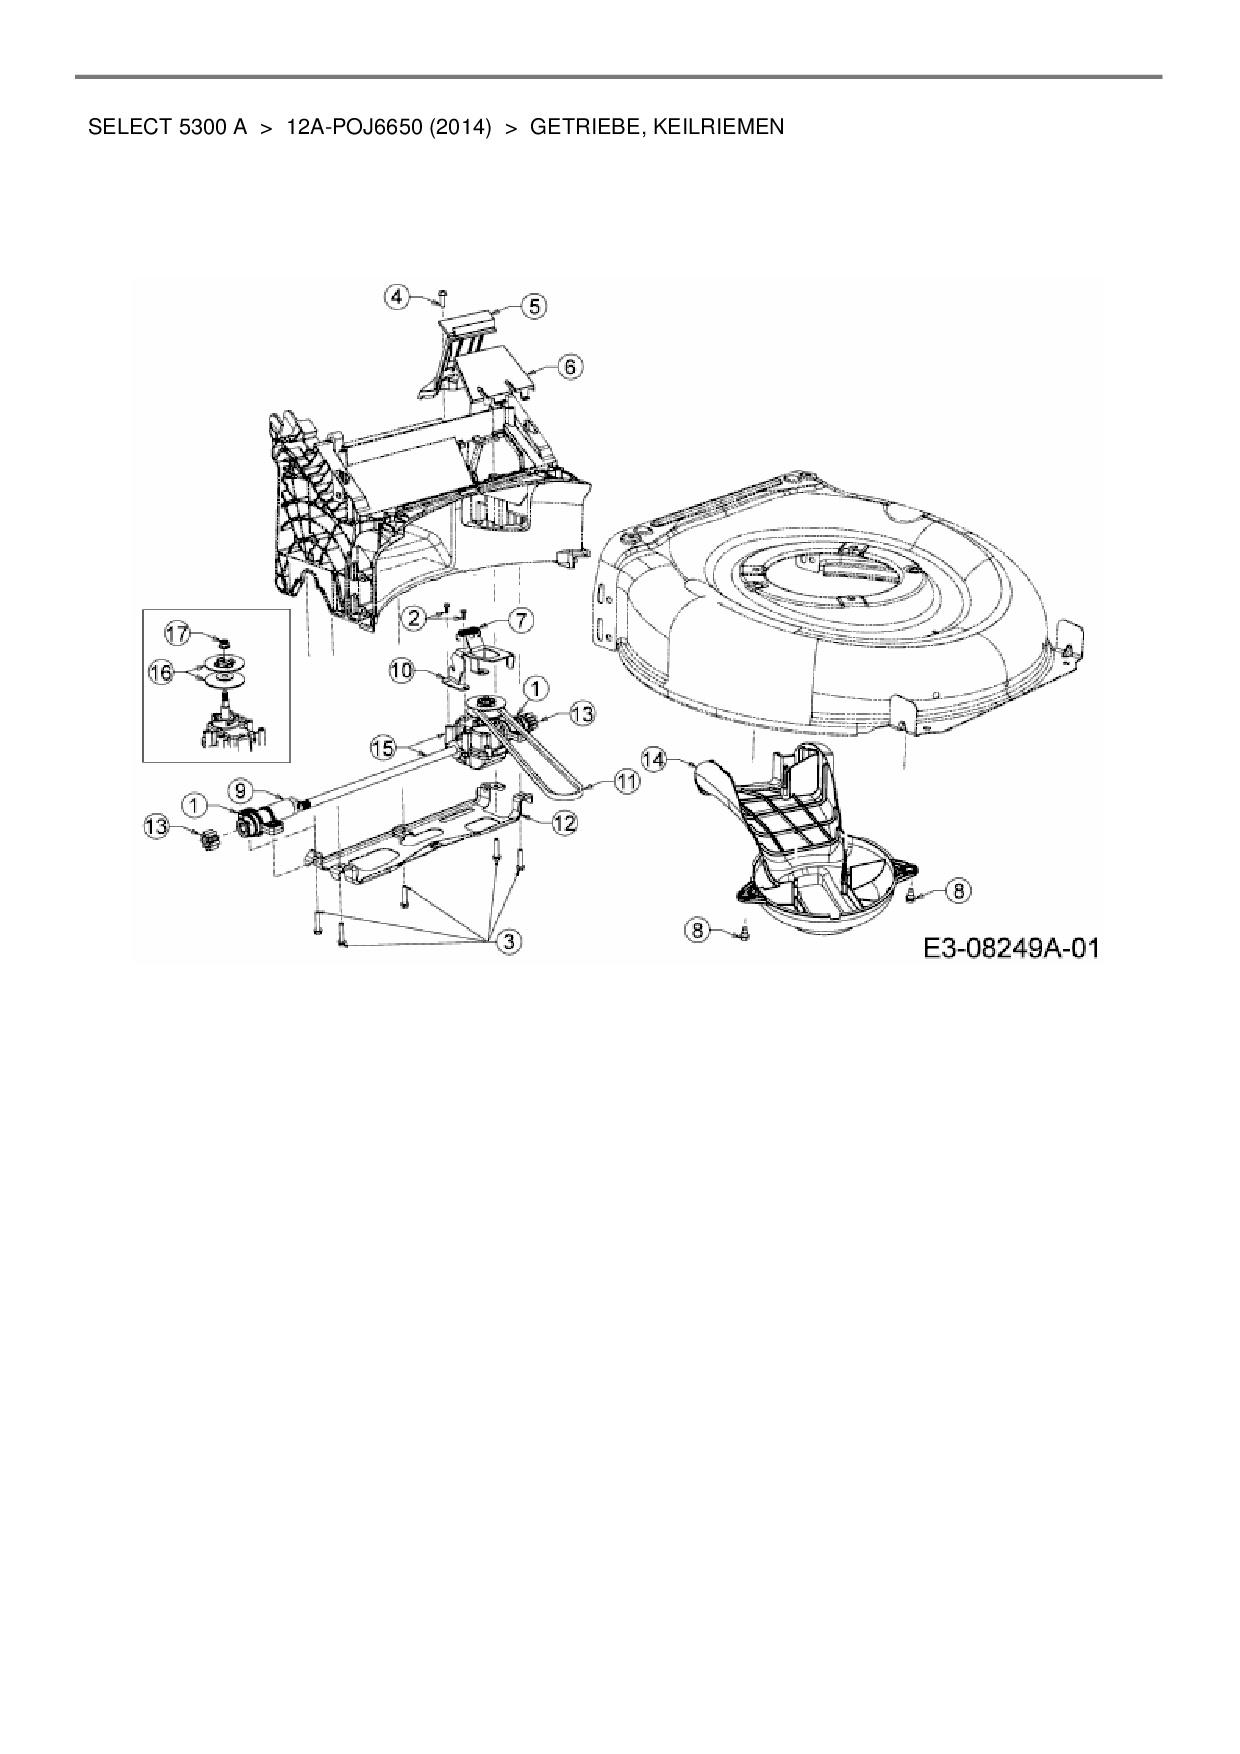 ersatzteile von wolf garten motorm her mit antrieb select 5300 a aus. Black Bedroom Furniture Sets. Home Design Ideas